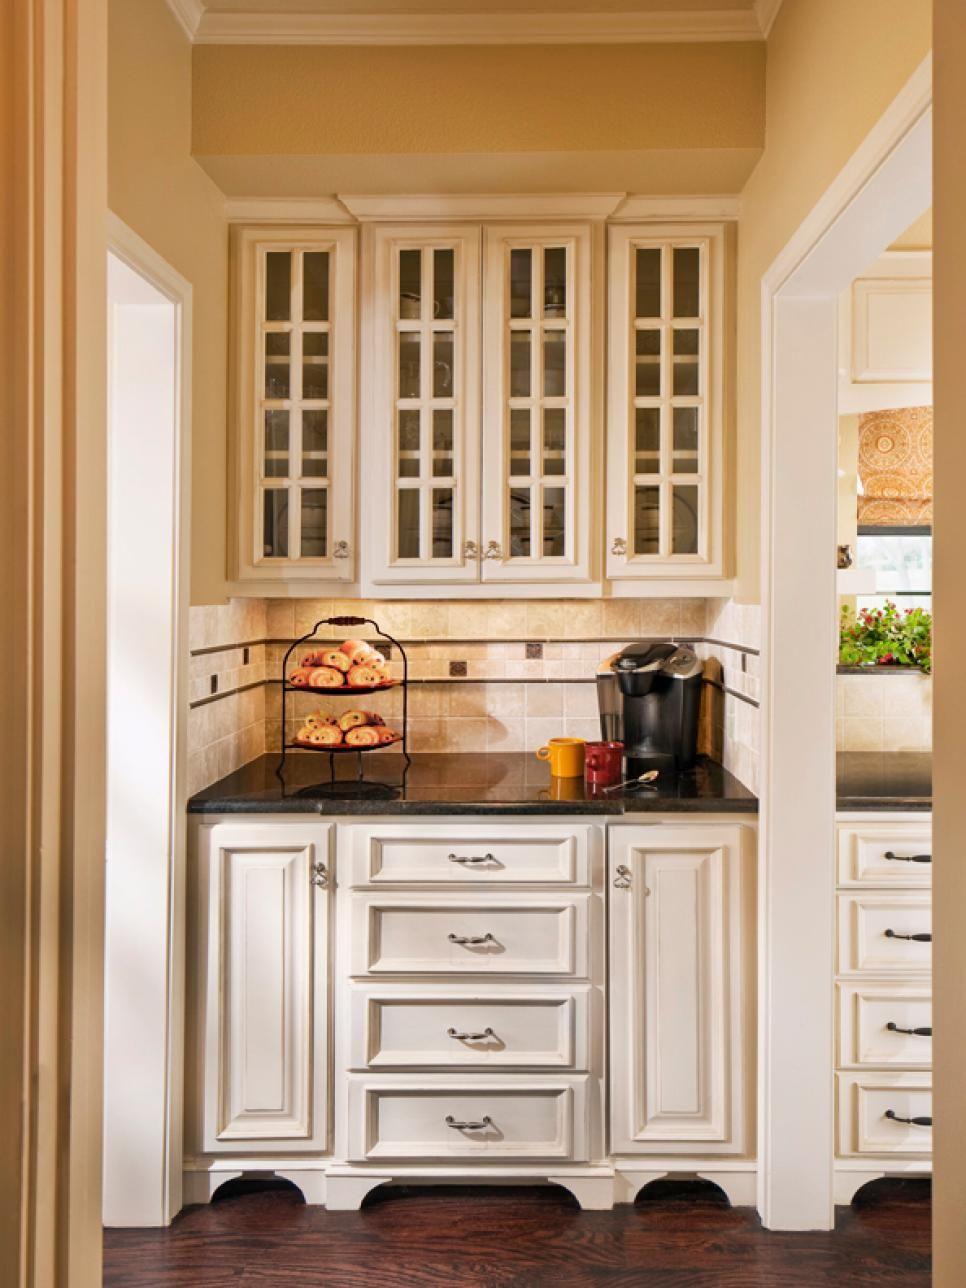 home simple kitchen design kitchen design new kitchen cabinets on kitchen cabinets not white id=76706